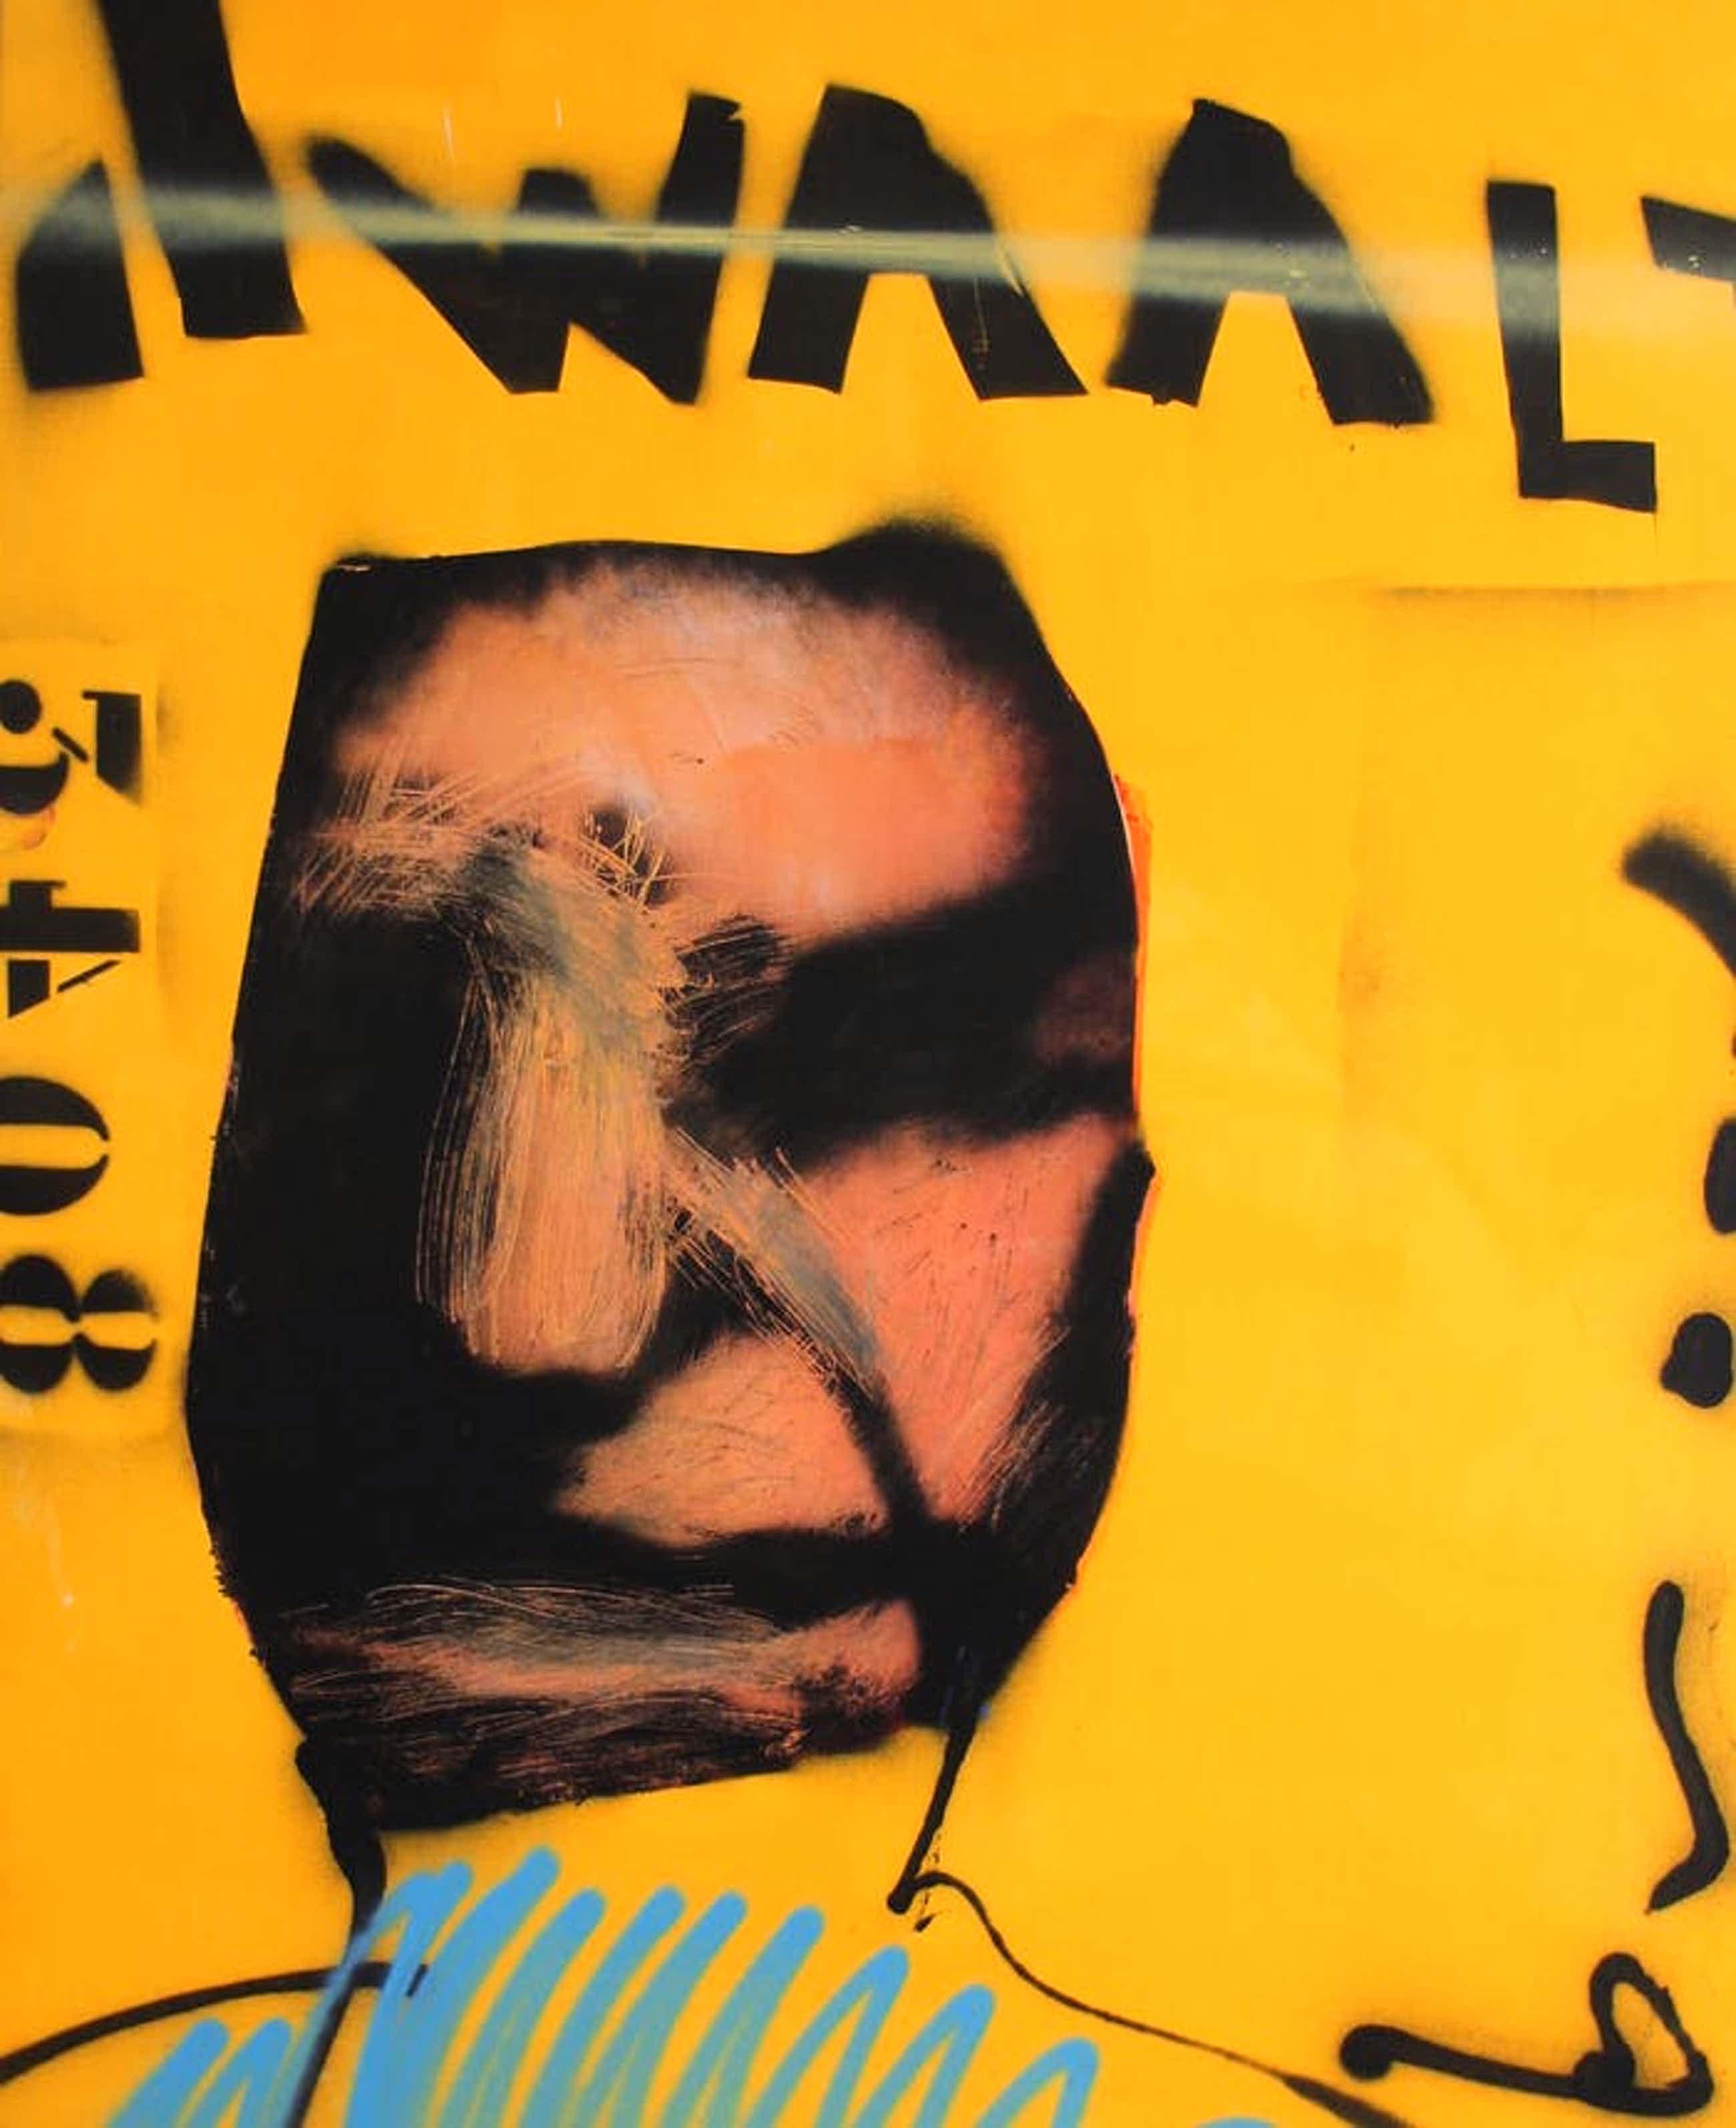 Herman Brood - acryl/spuitbus op doek: Dwaalt - 1996 kopen? Bied vanaf 4500!